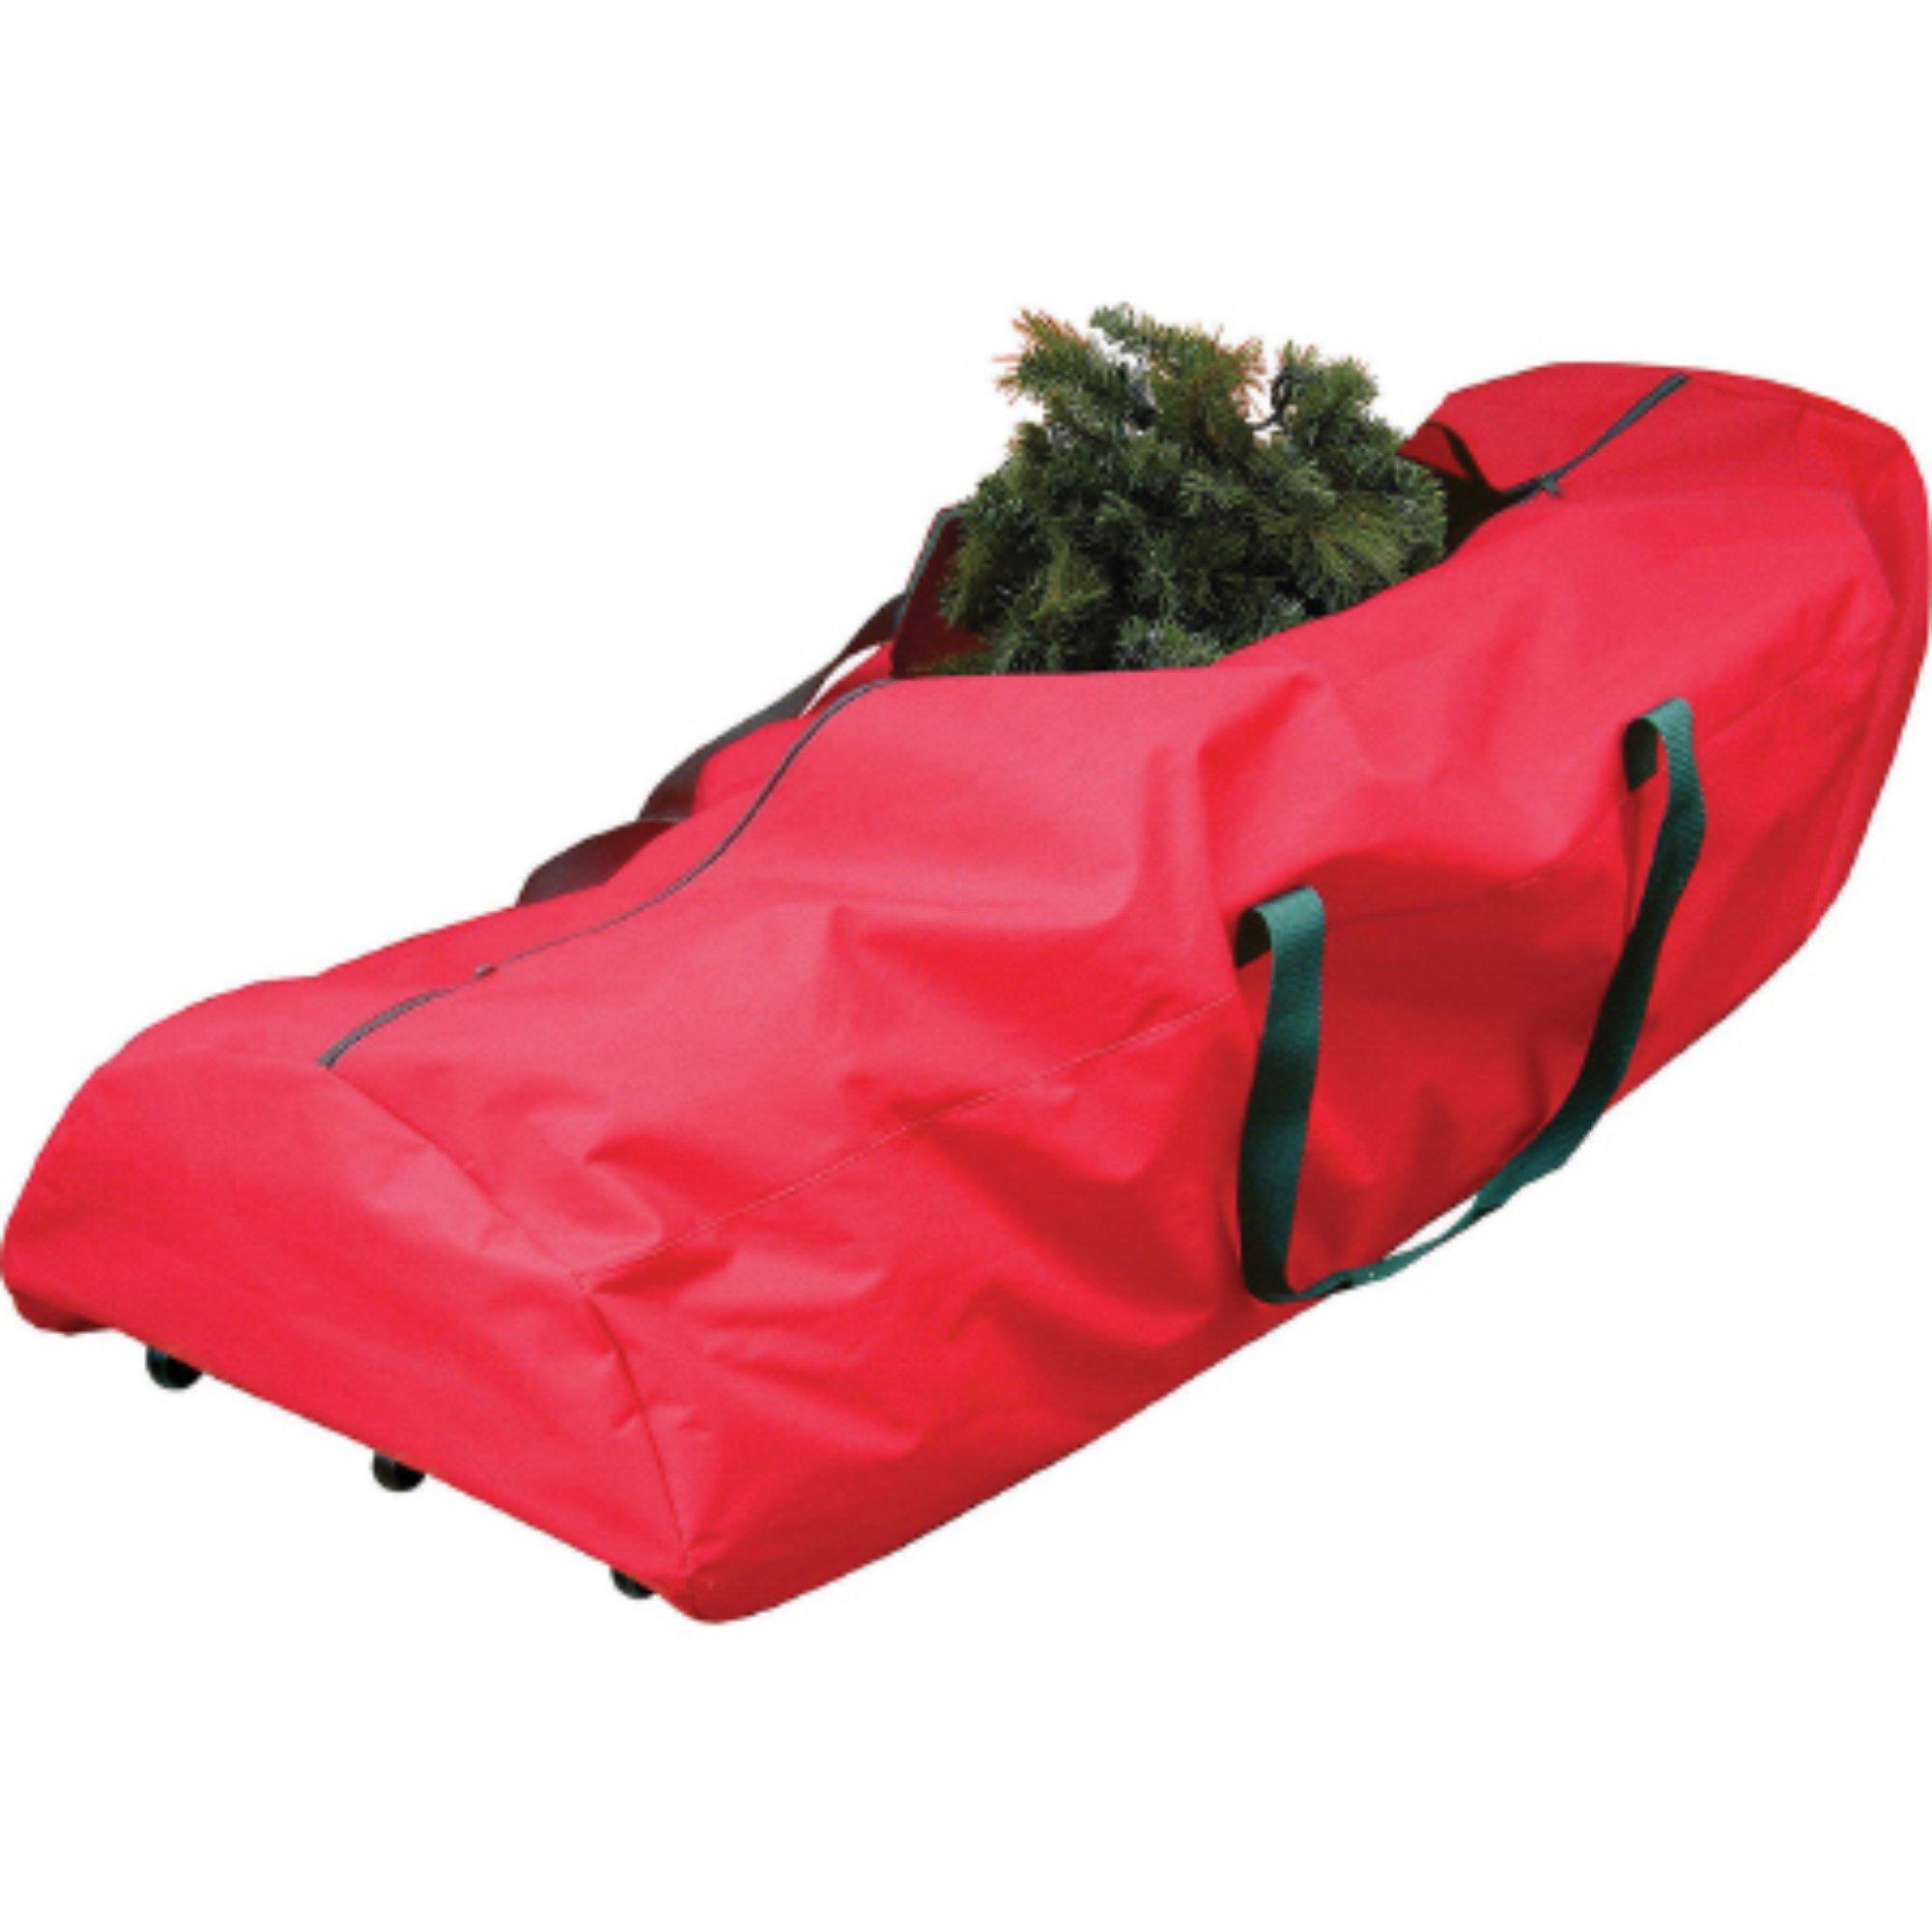 Dyno Seasonal Solutions 11595-206 Art Tree Storage Bag, 9-Feet